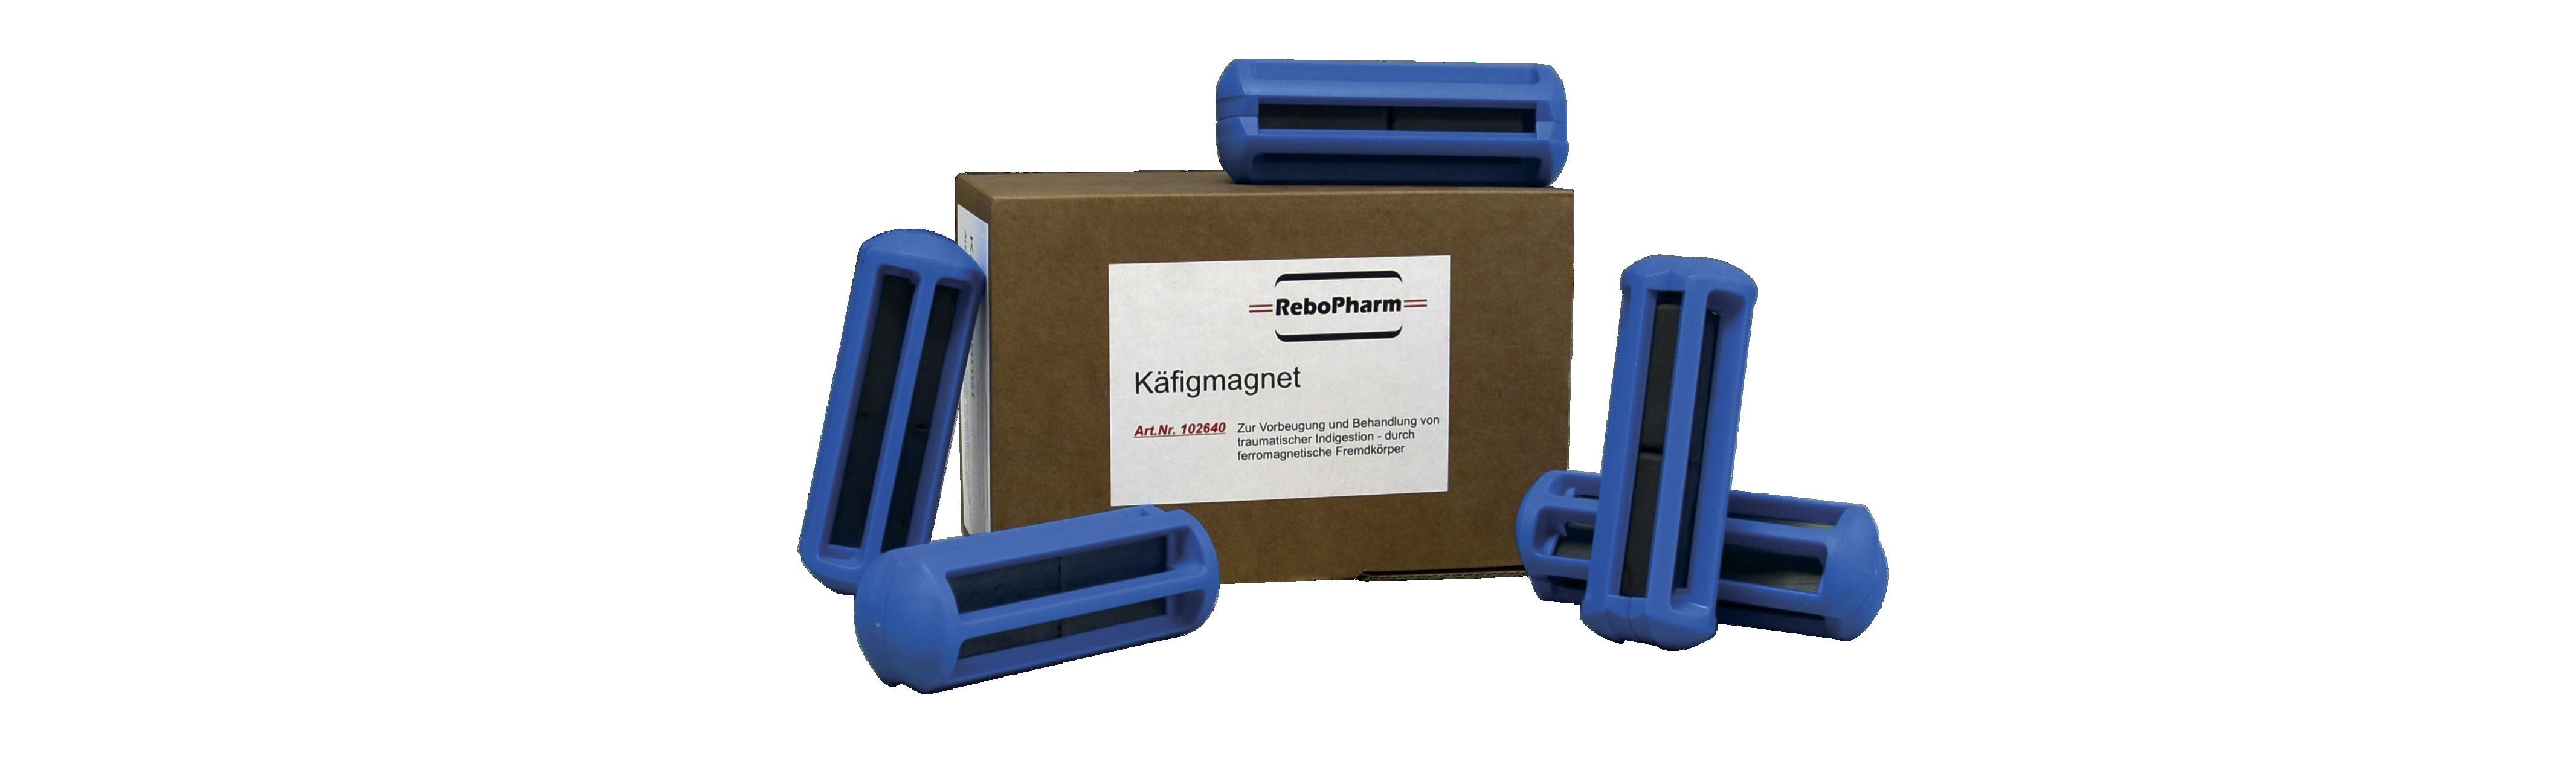 K-figmagnet